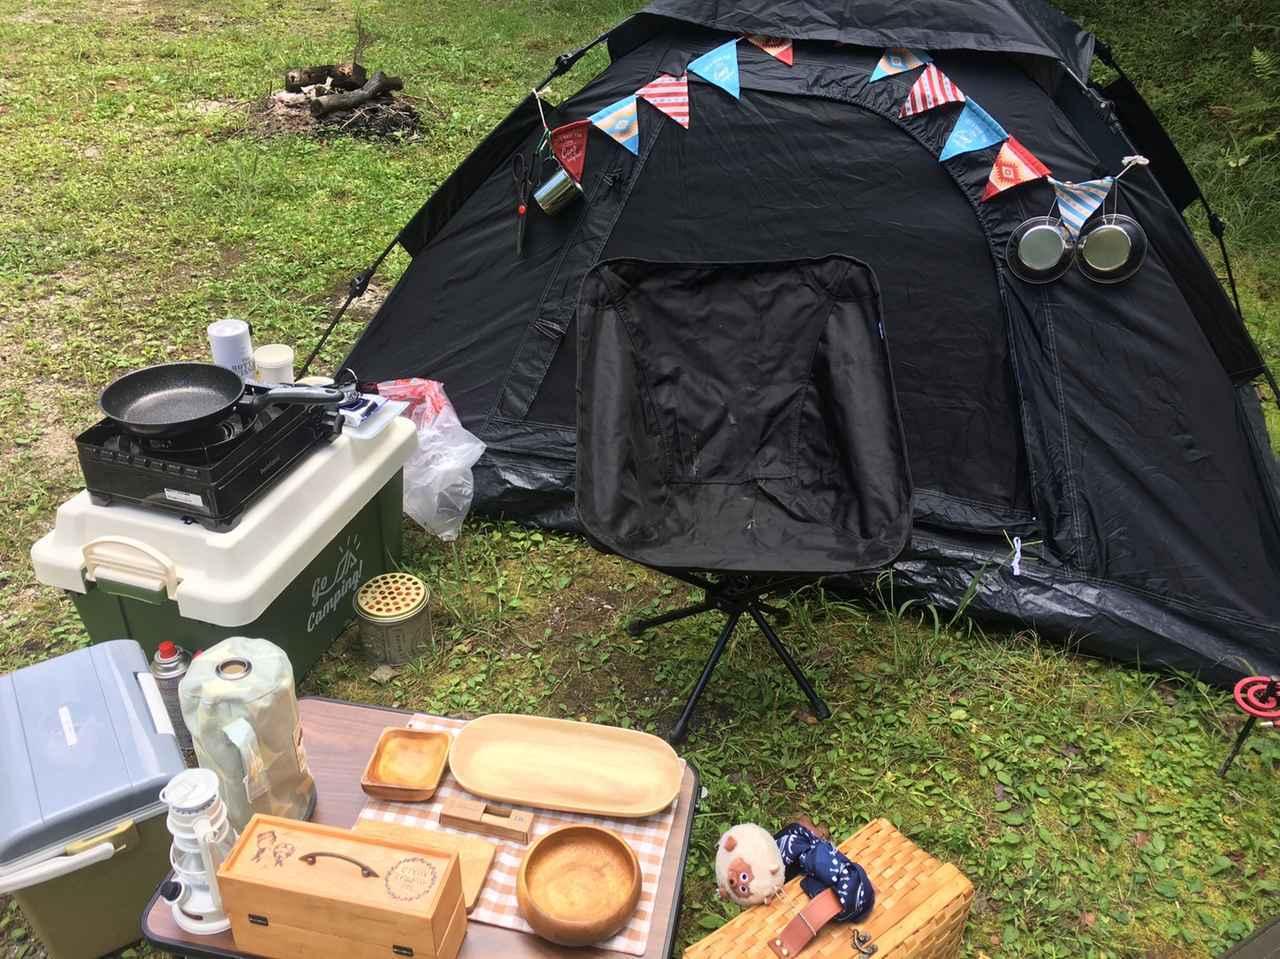 画像1: 【レビュー】DODのワンタッチテントを女子ソロキャンプで使ってみました! - ハピキャン(HAPPY CAMPER)